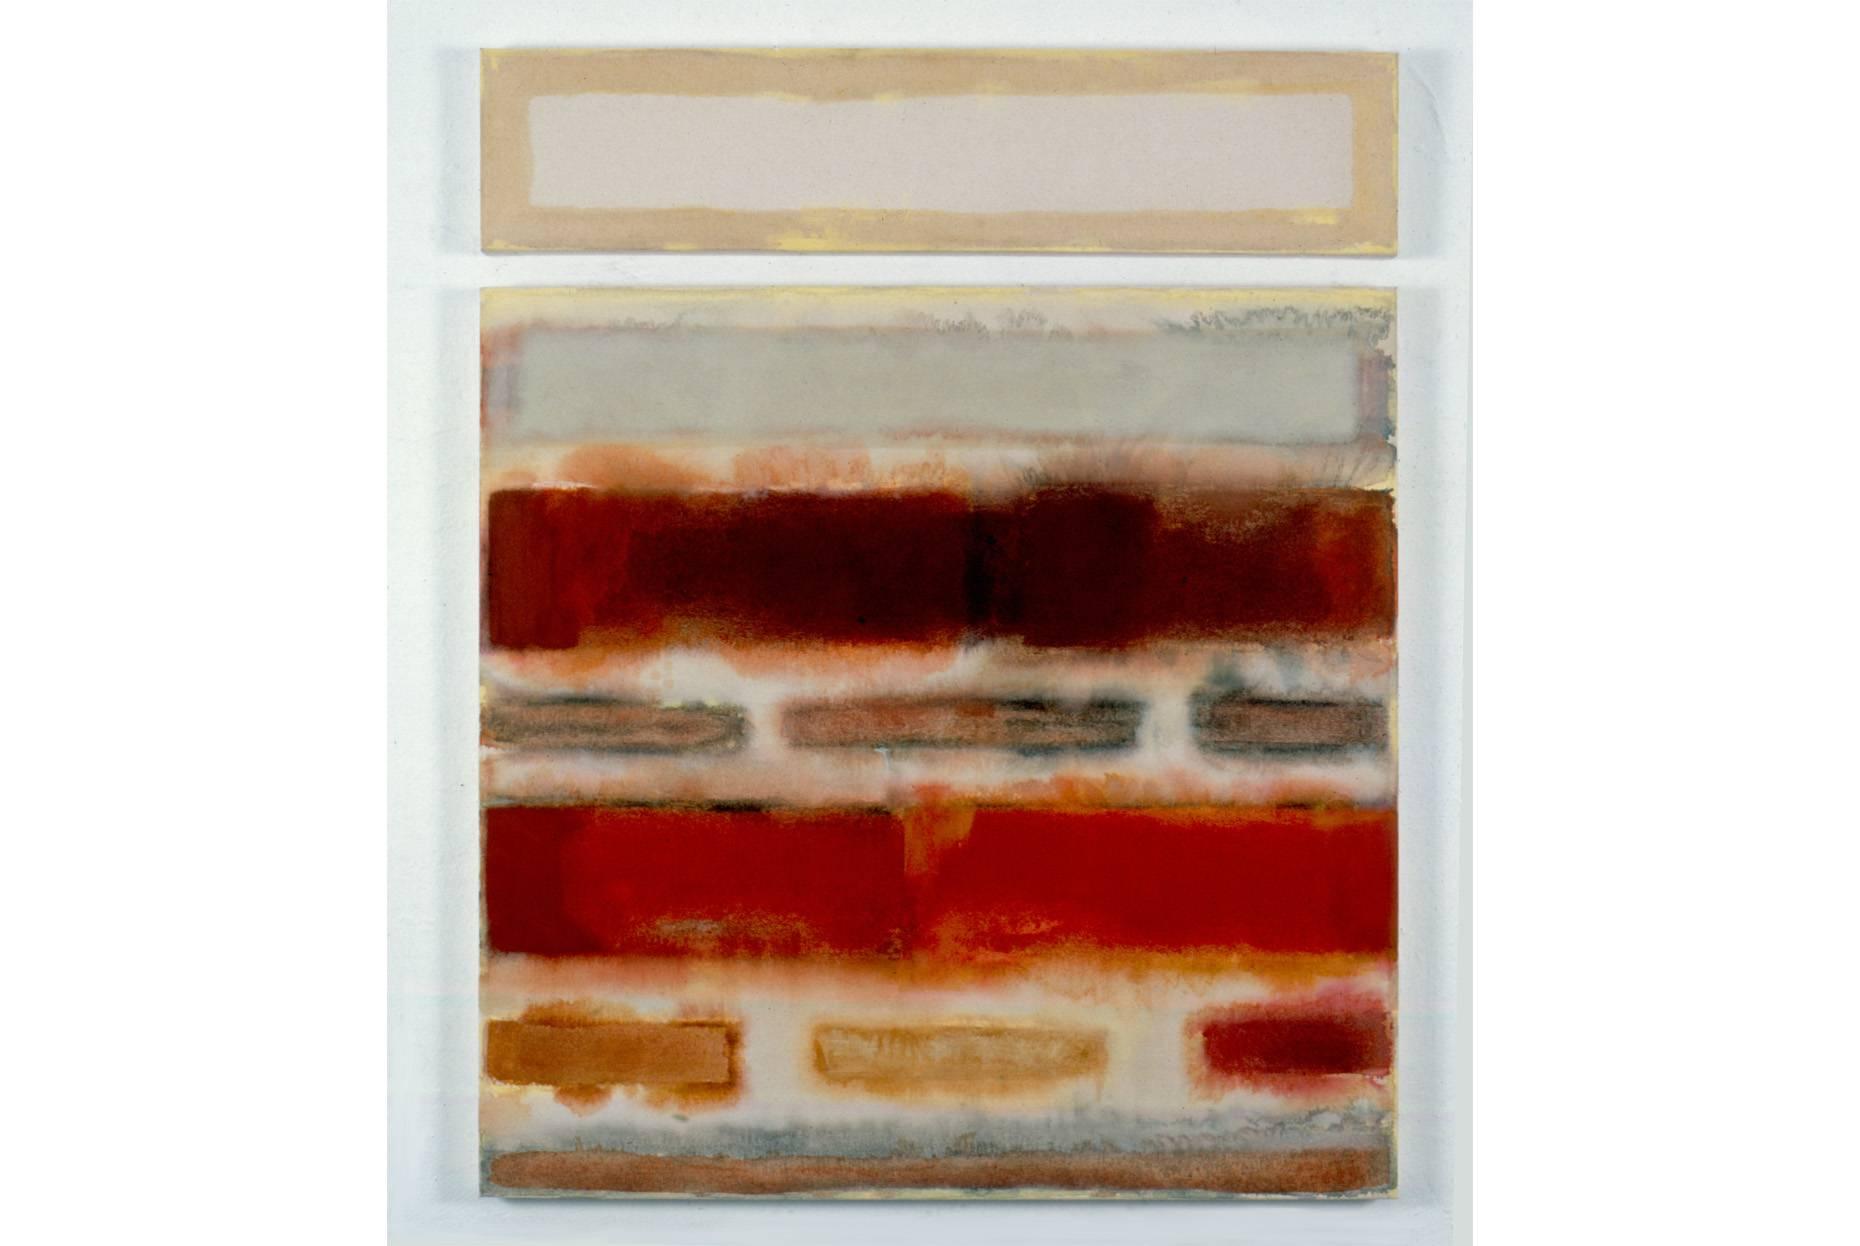 Mauerwerk 2 1994 2 tlg. Pigment und Ölfarbe a/Nessel 120 x 90 cm